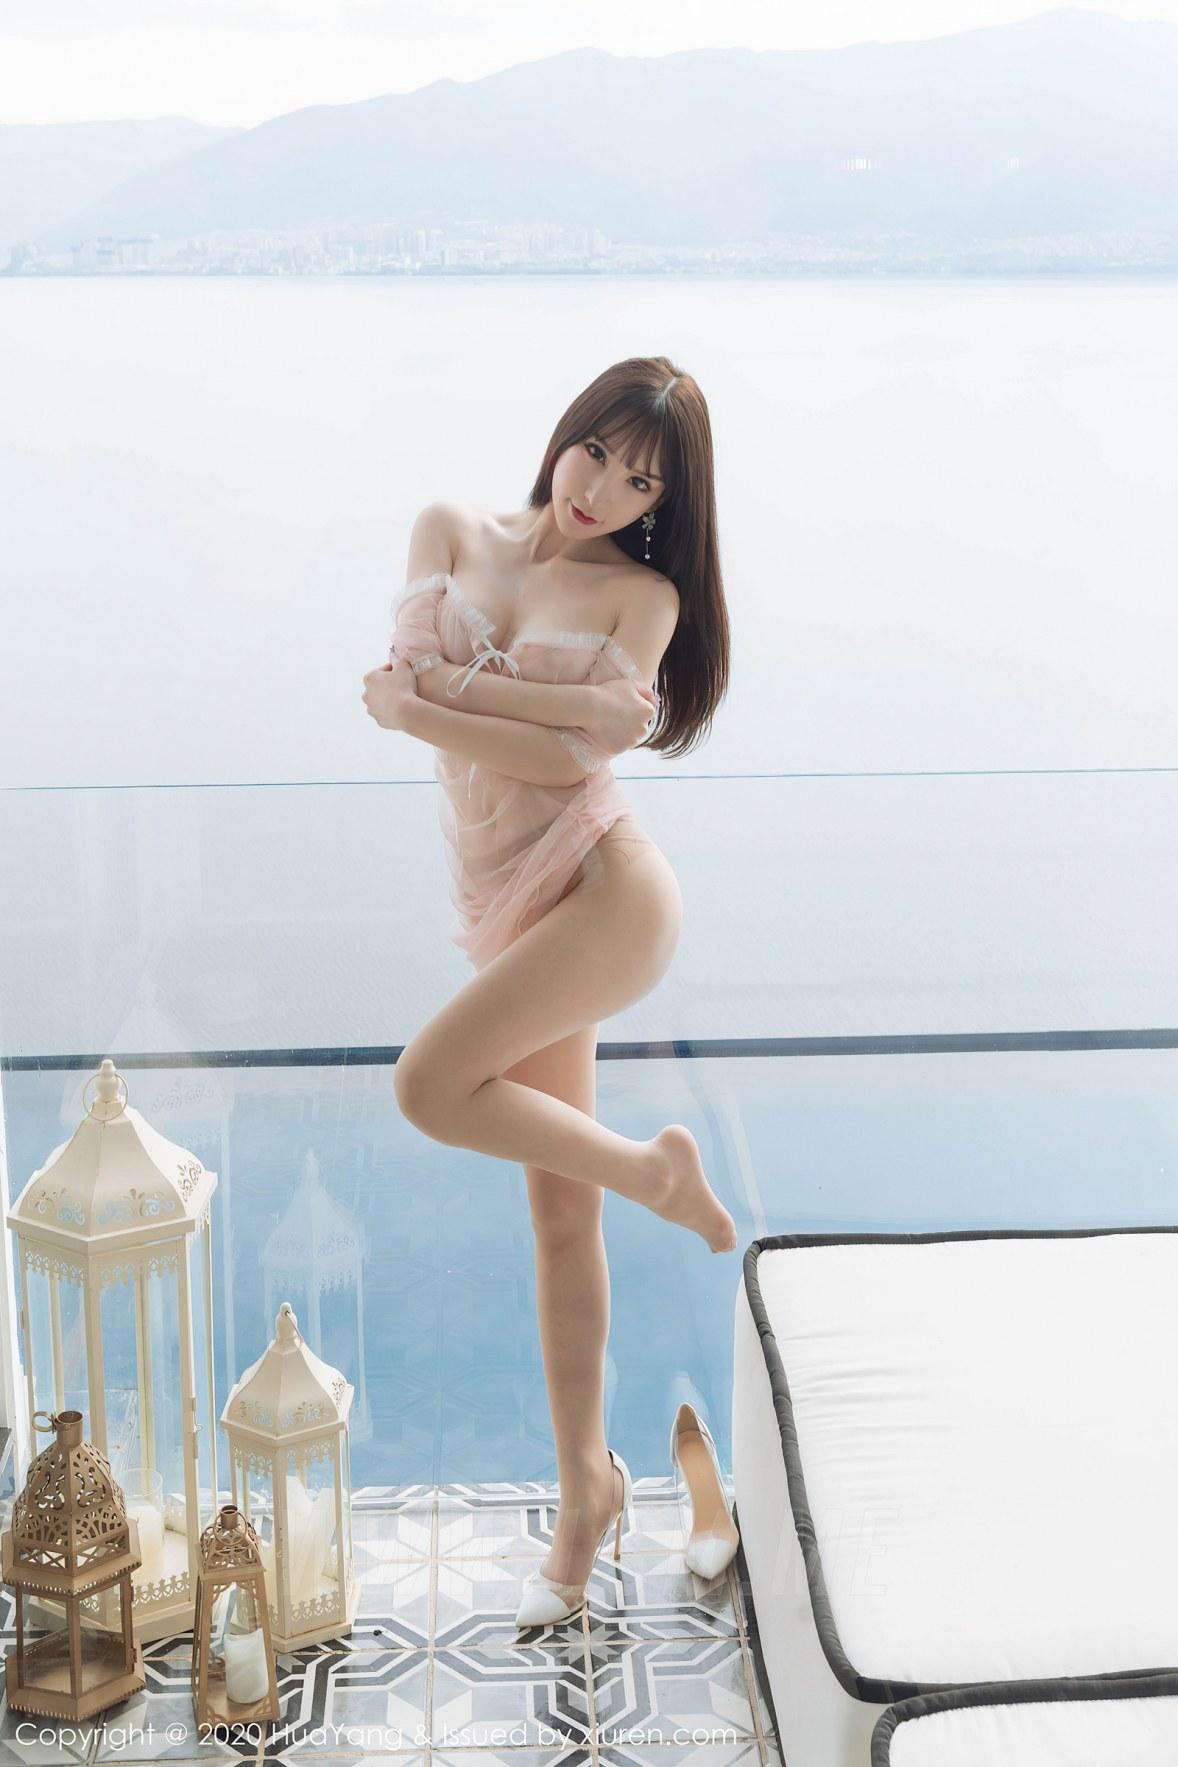 273 006 hpc 3600 5400 - HuaYang 花漾show Vol.273 周于希  透视旅拍 - 花漾show -【免费在线写真】【丽人丝语】